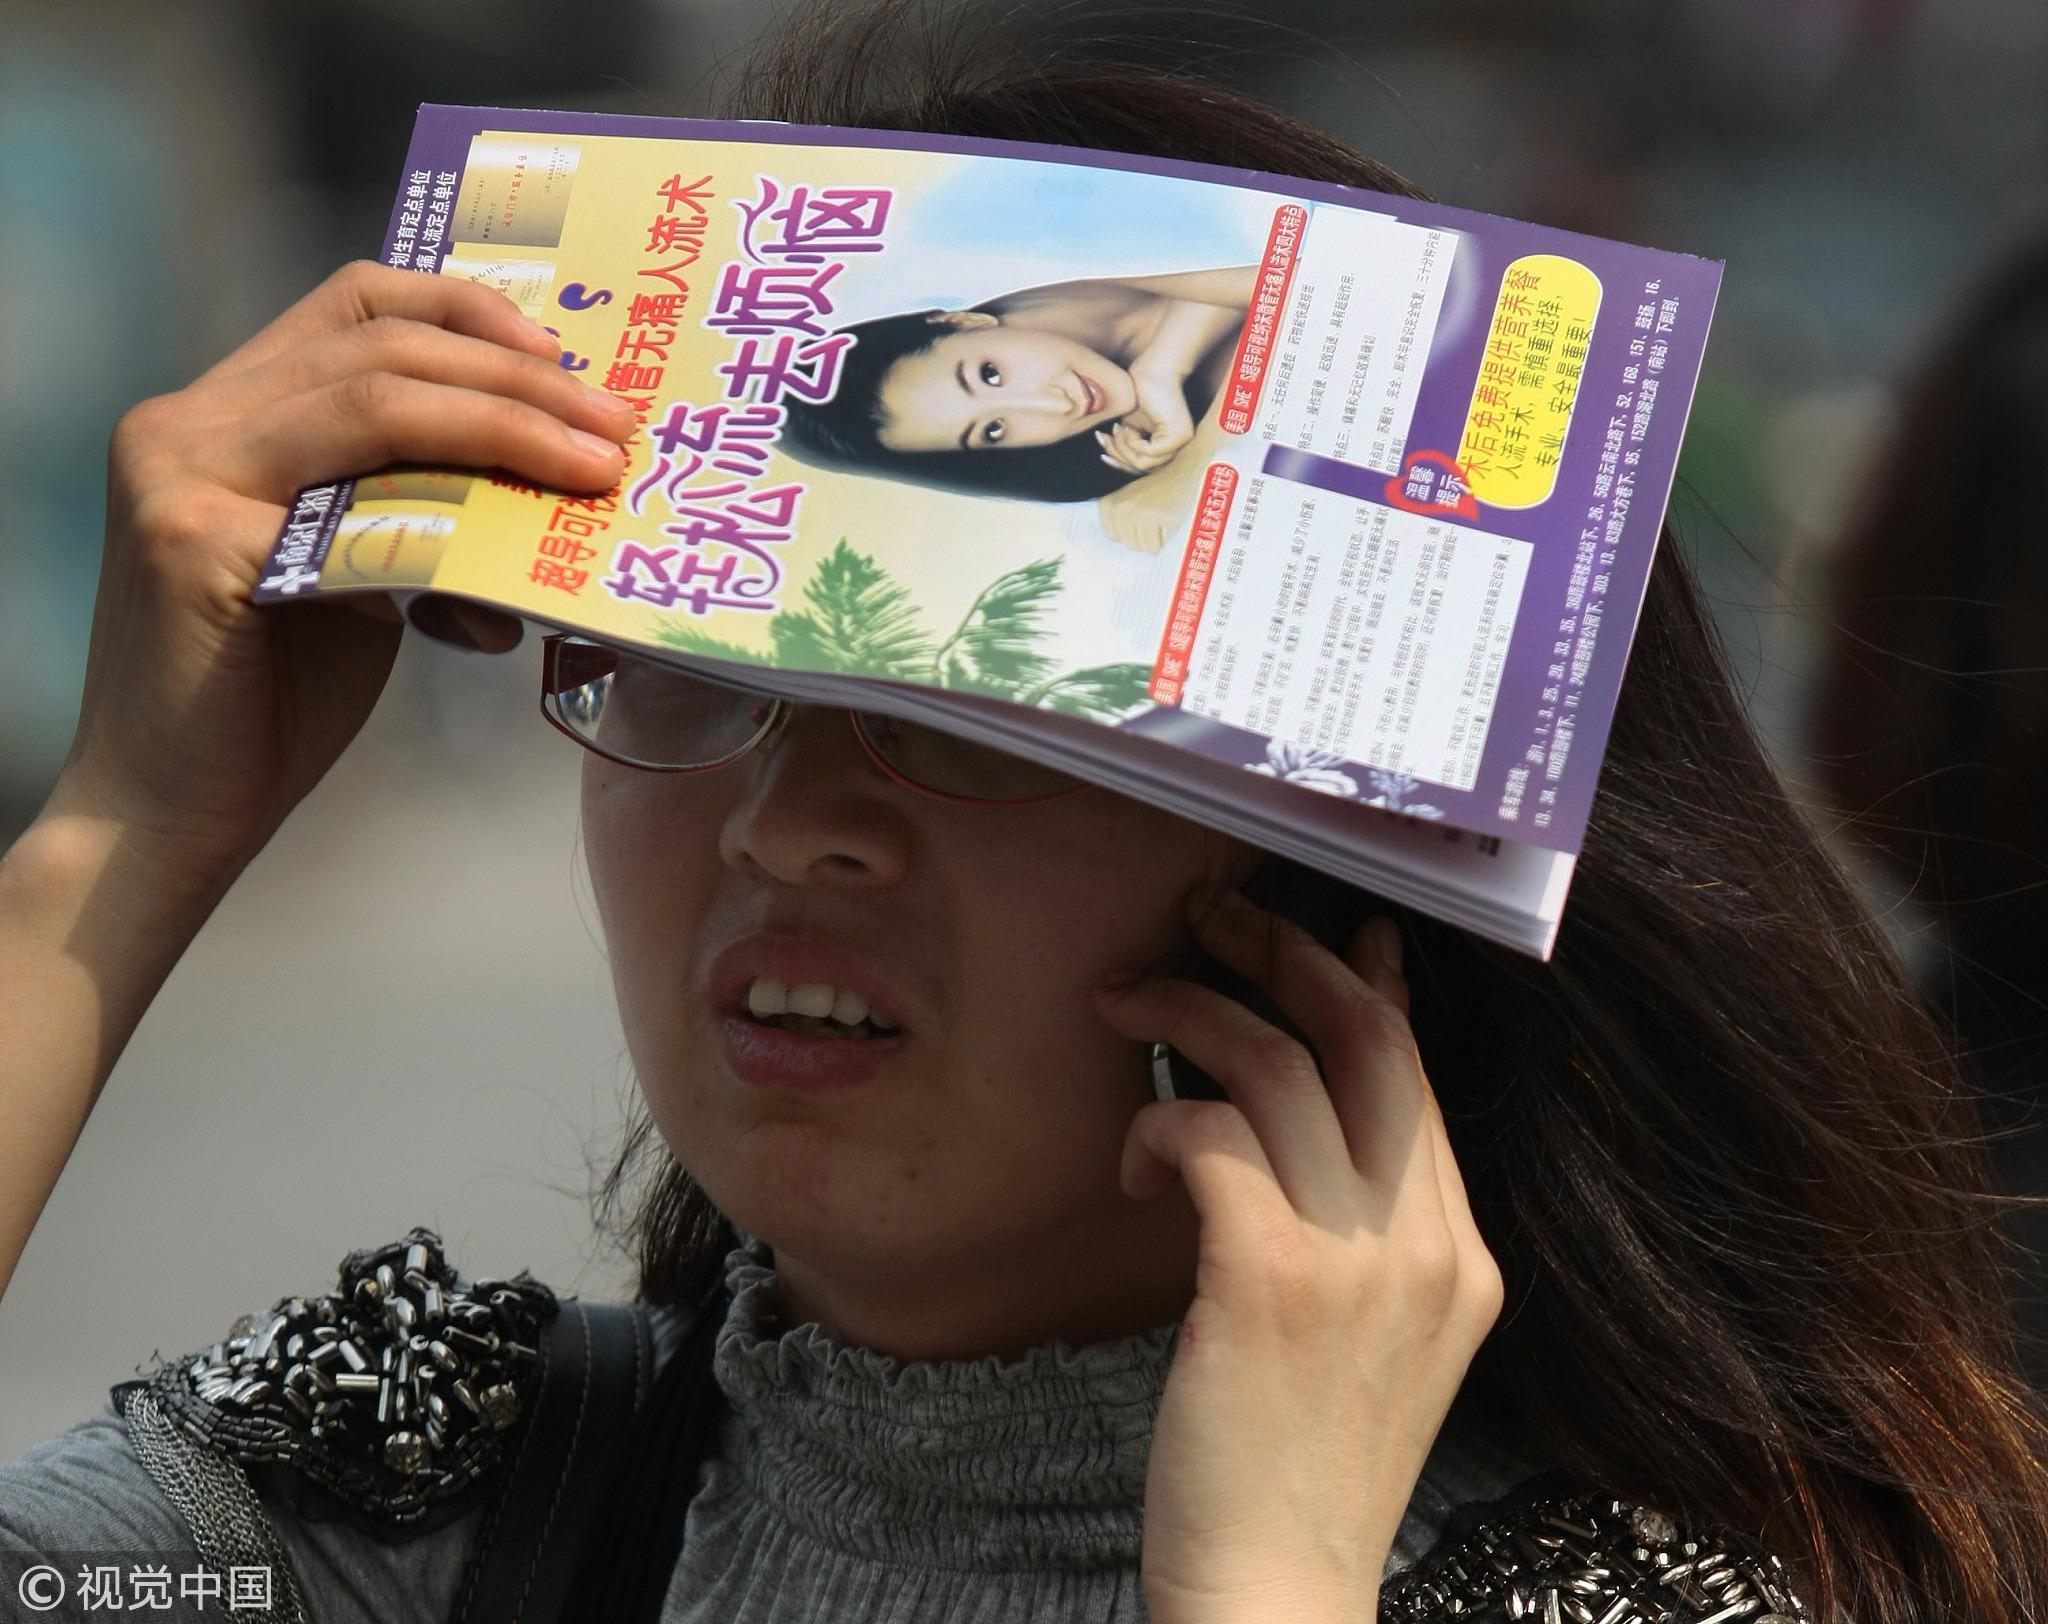 2018-06-22,南京街头手拿妇科医院人工流产手术宣传单的女士/视觉中国